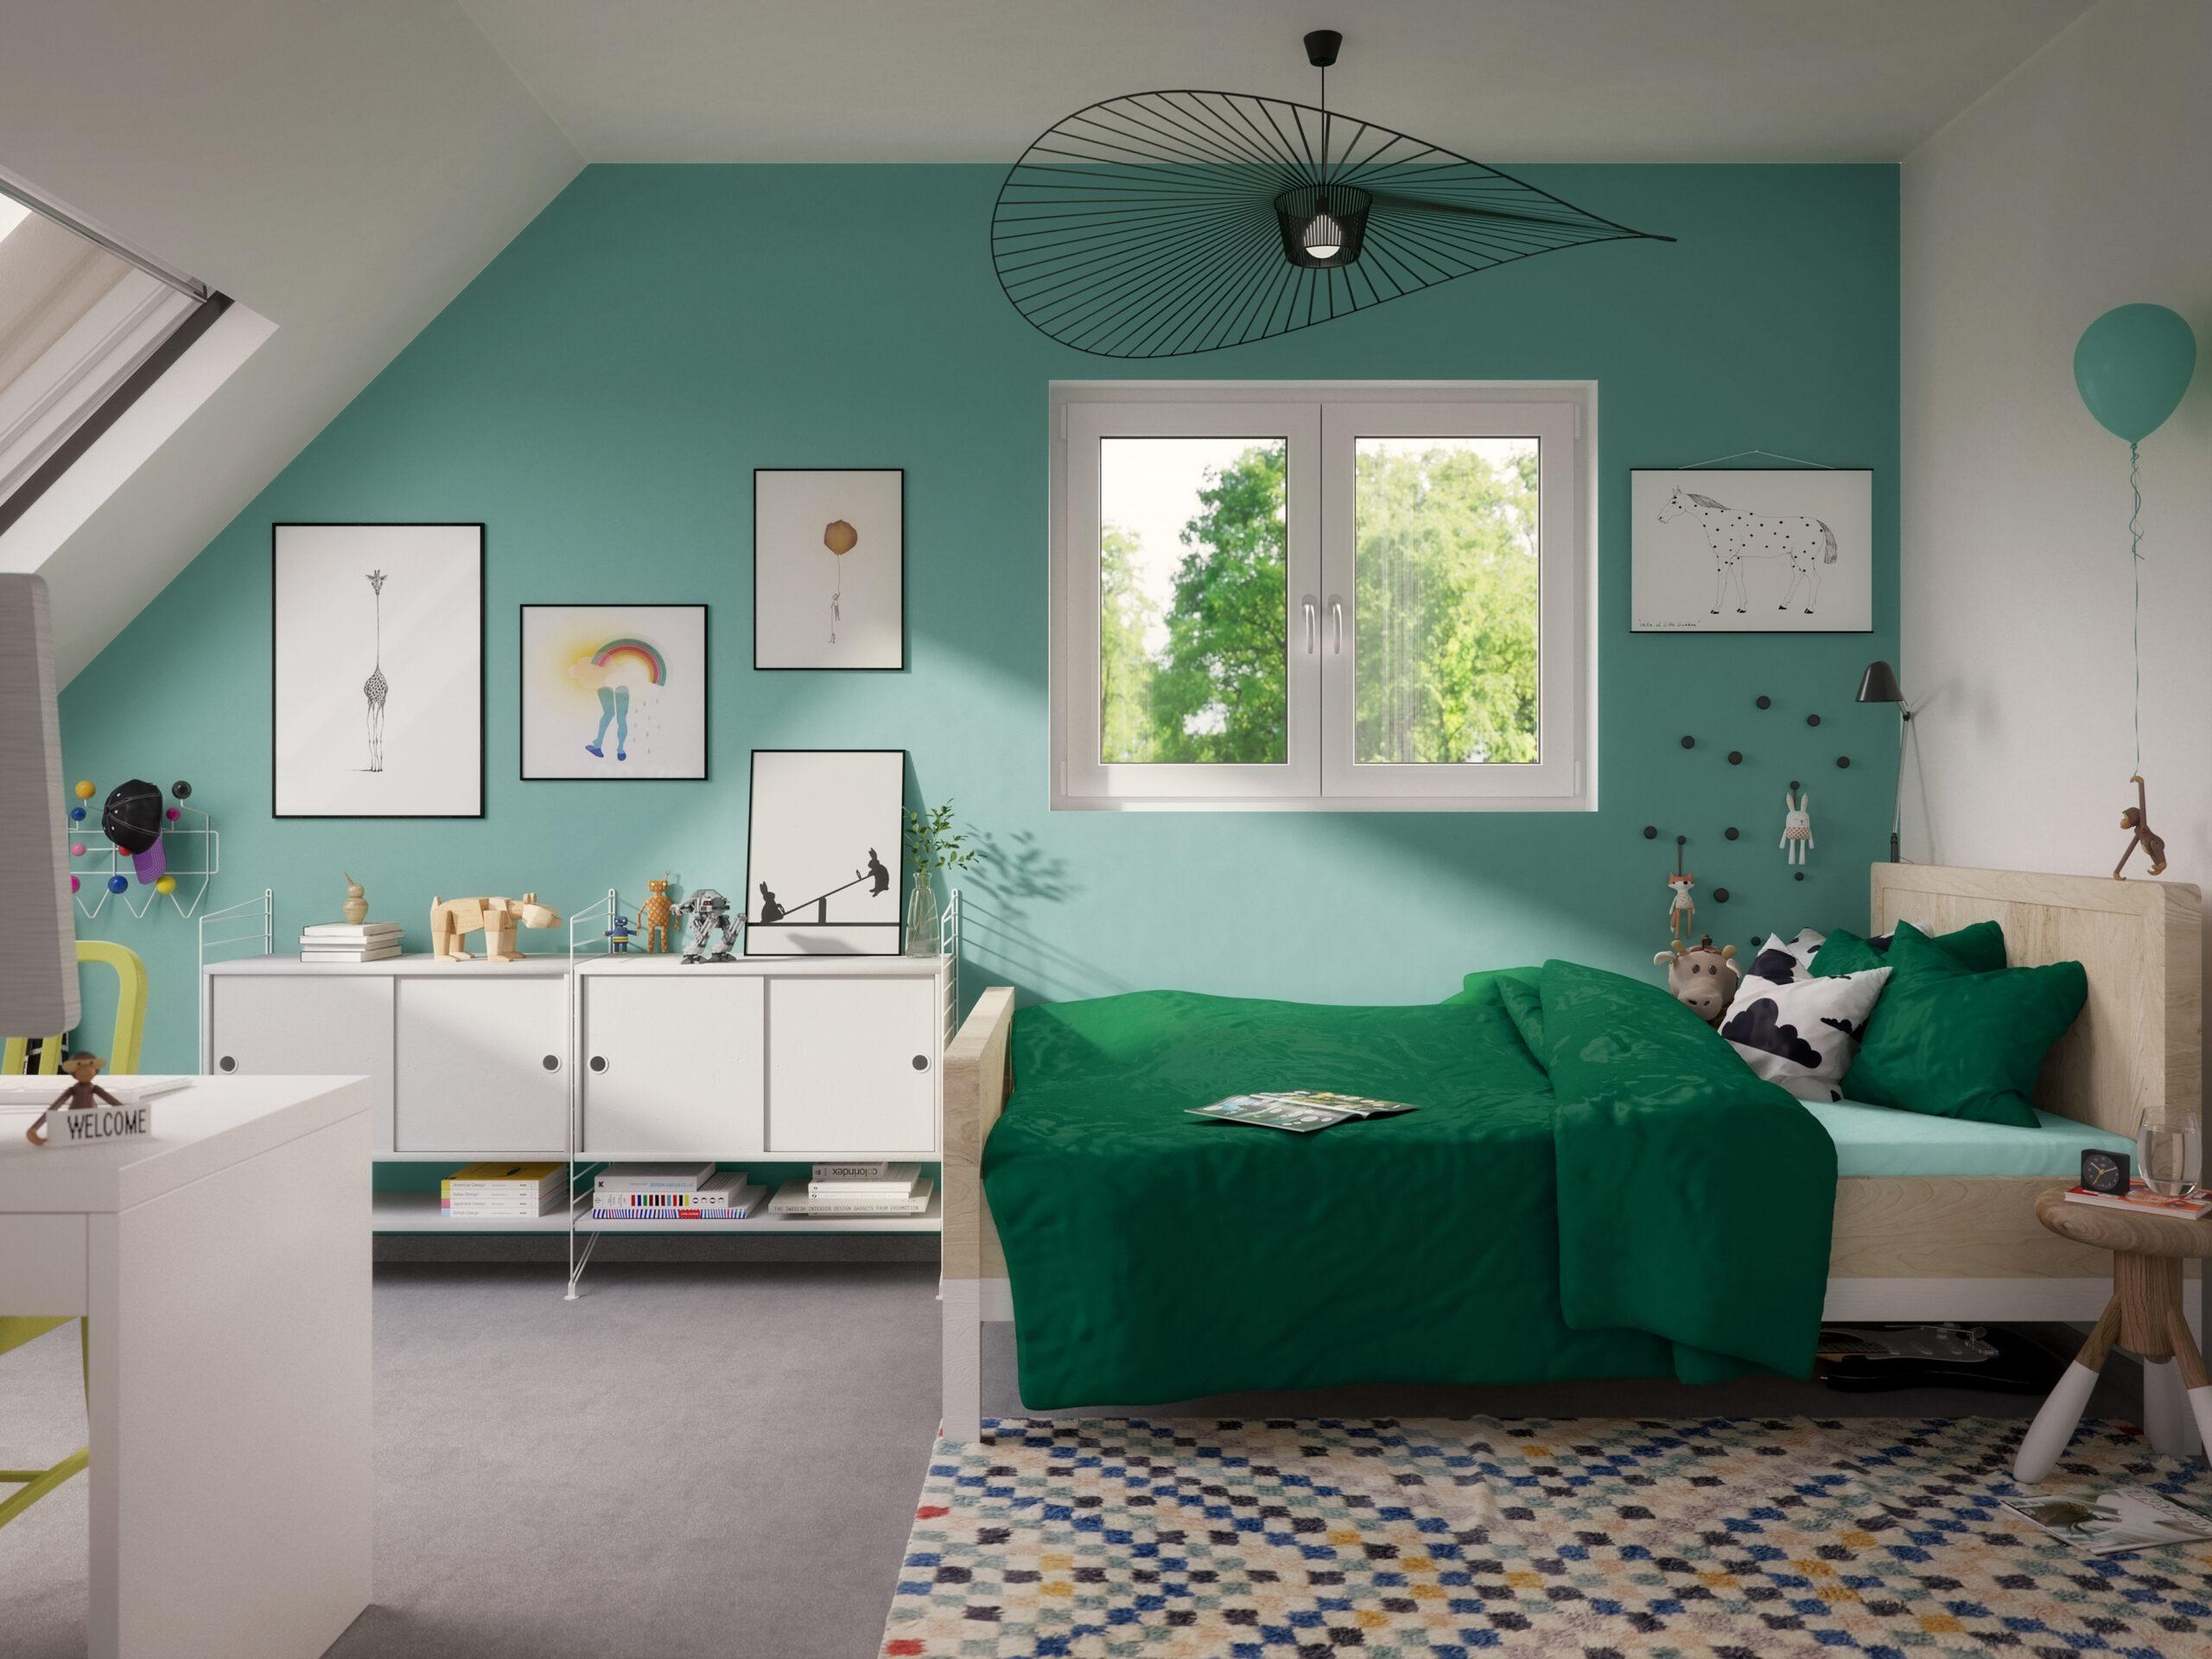 Full Size of Kinderzimmer Fr Jungen Einrichtungstipps Bonava Küche Einrichten Kleine Regal Weiß Badezimmer Sofa Regale Kinderzimmer Kinderzimmer Einrichten Junge